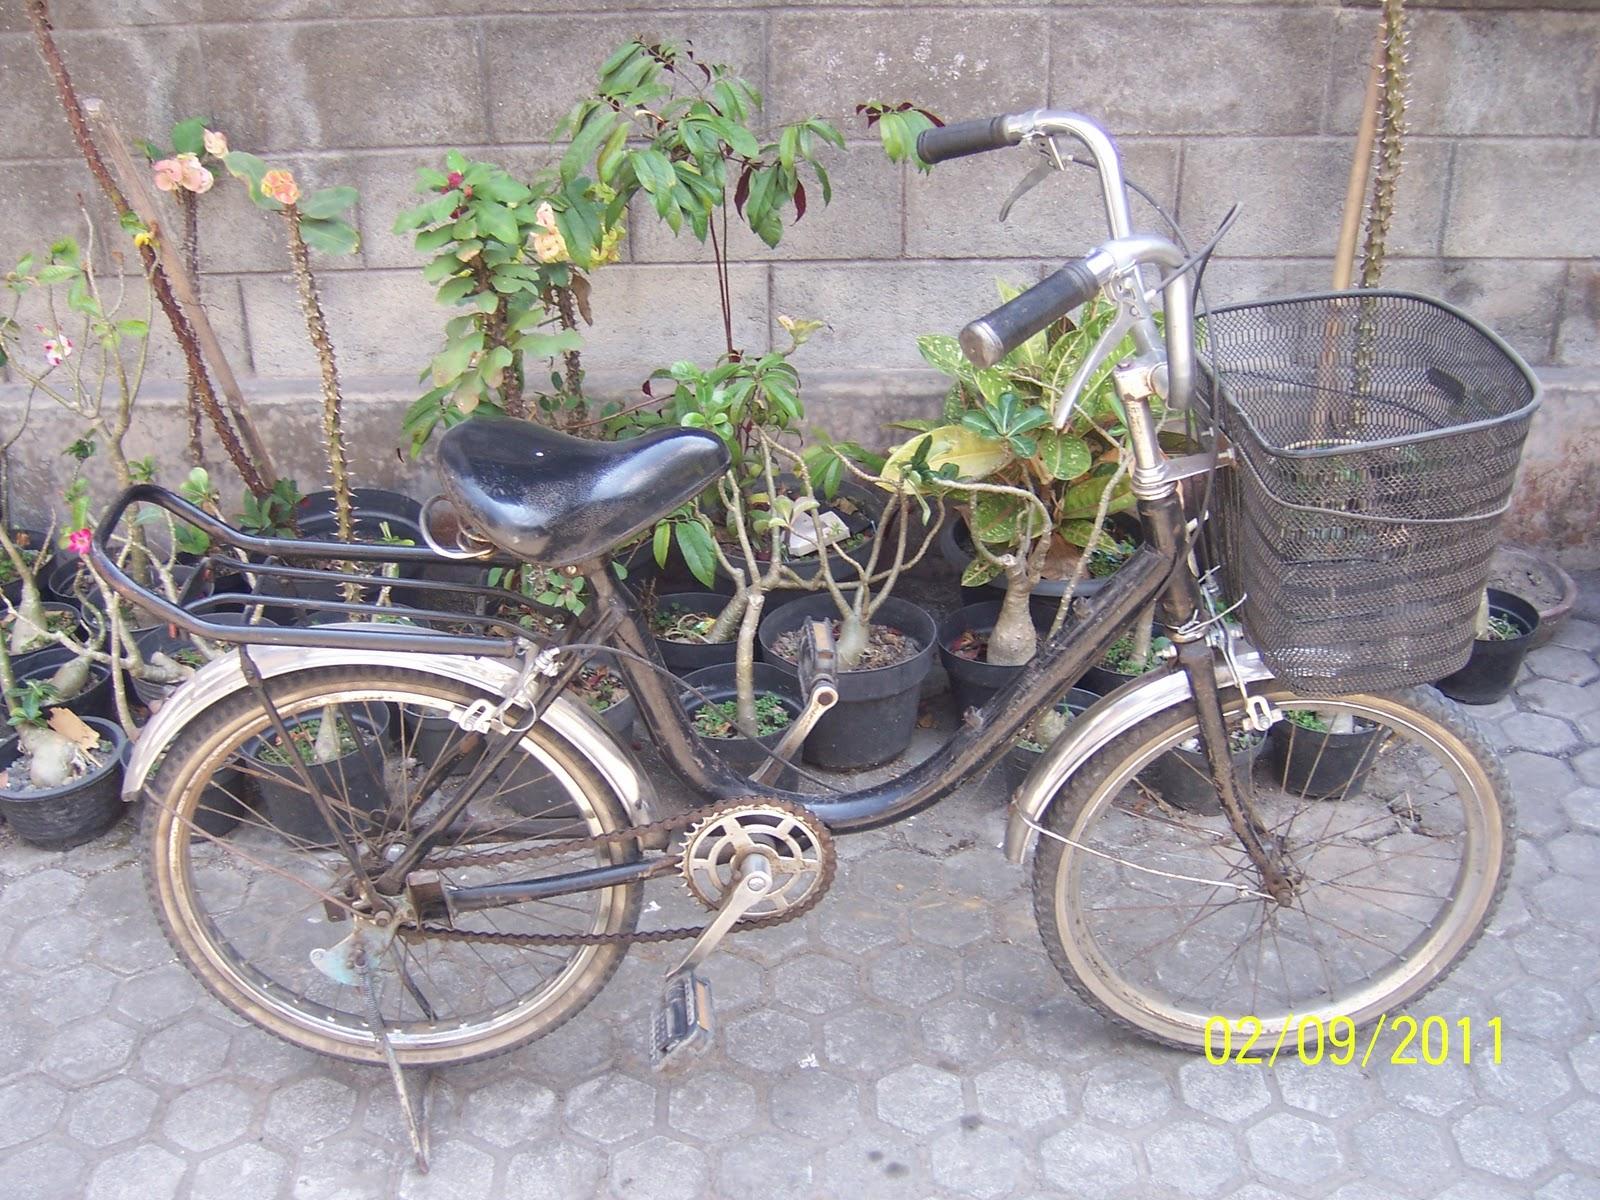 Warung Jadul dan antik Sepeda mini jadul TERJUAL